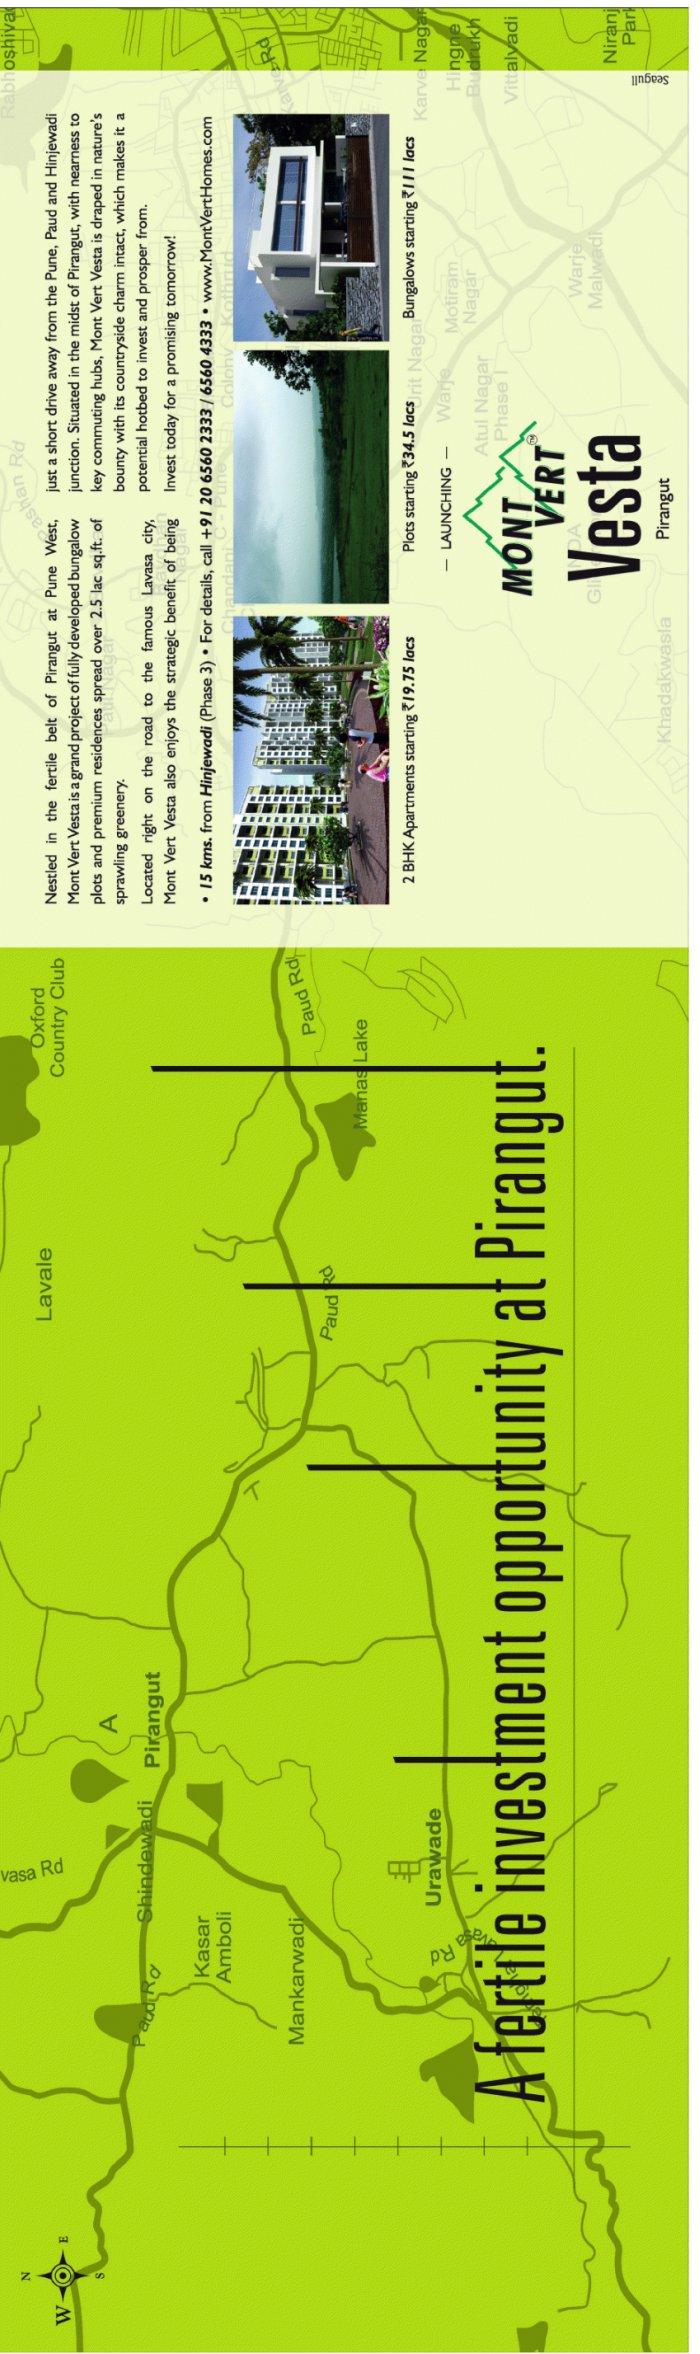 mont-vert-vesta-launch-ad-23-7-2011-2 - 700